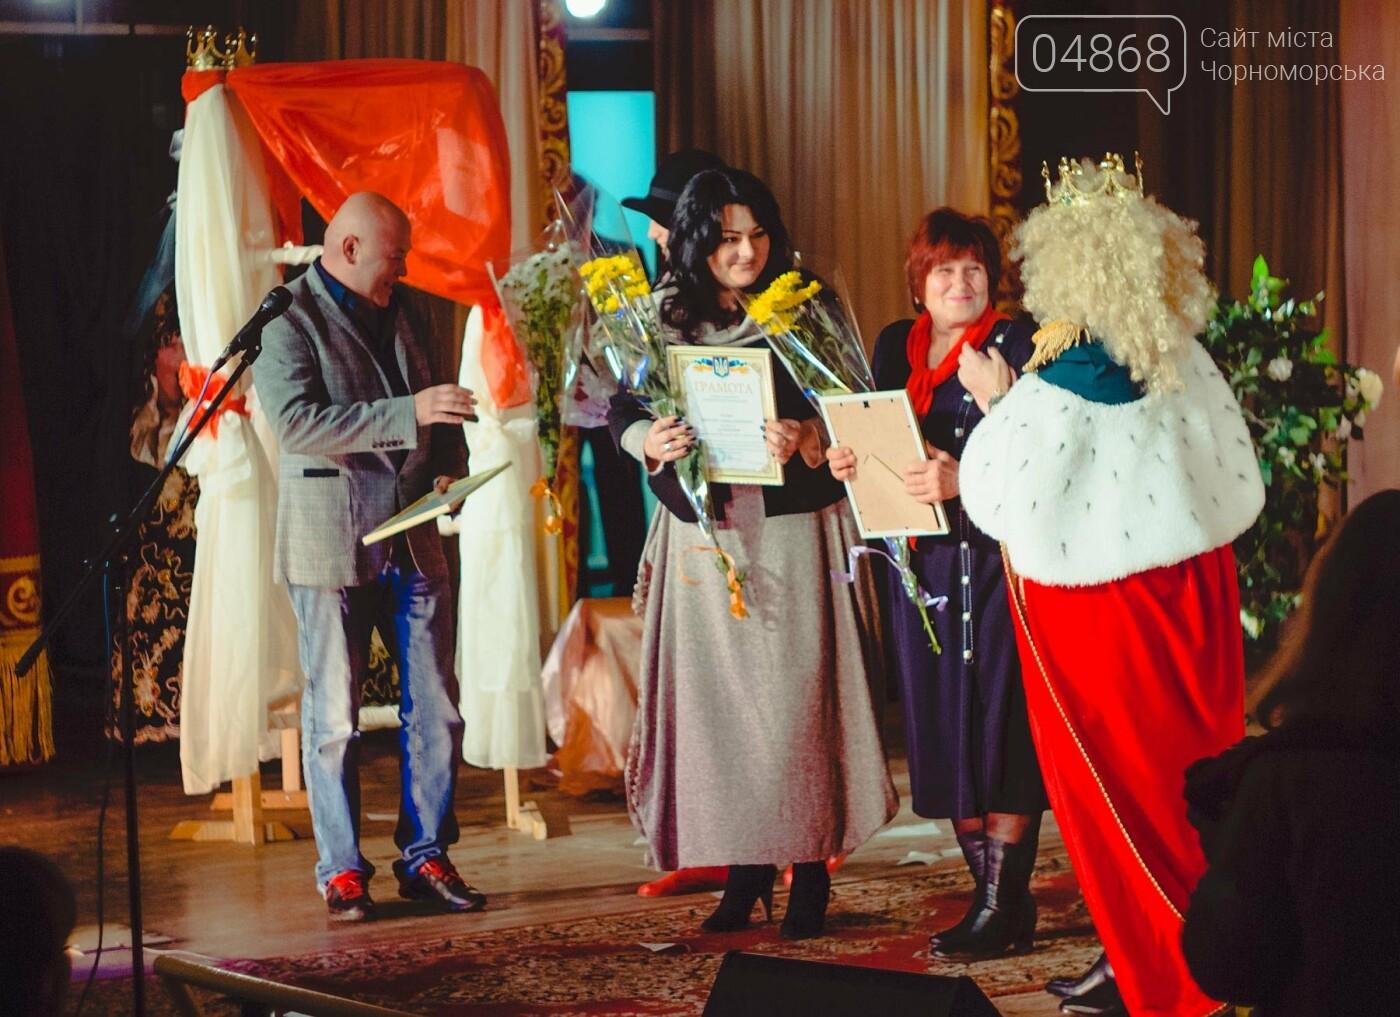 День работников культуры в Черноморске: феерично, ярко, талантливо! (фото), фото-9